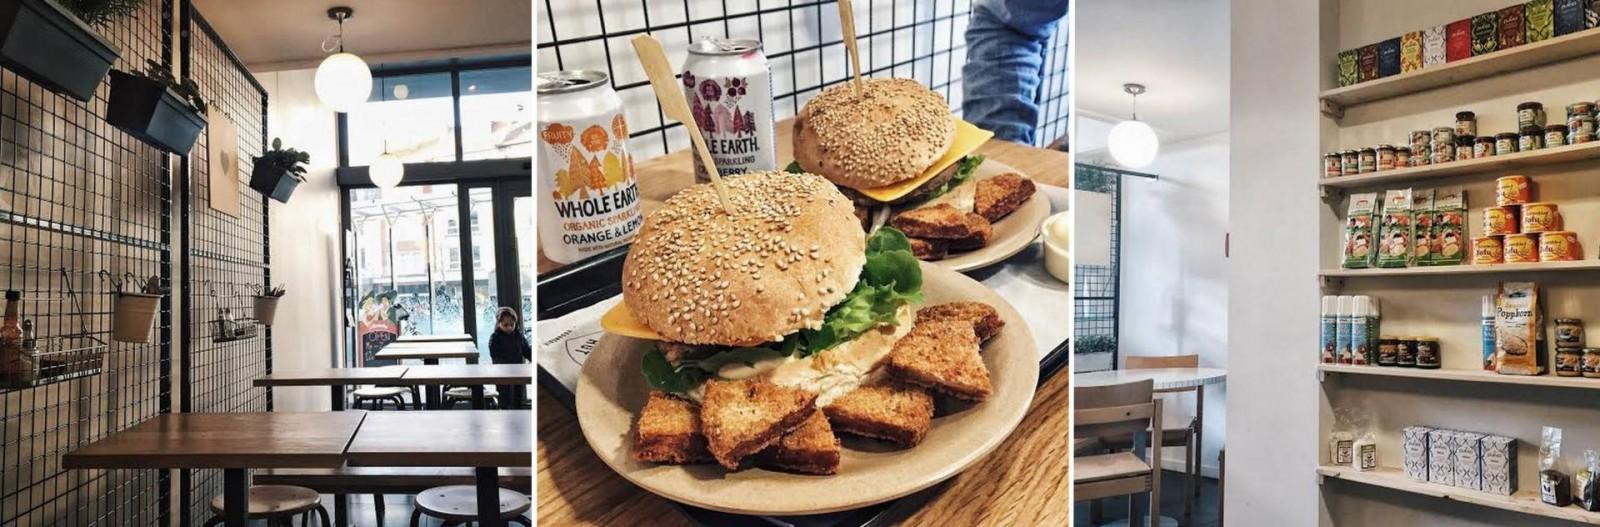 vegan restaurant burger leuven belgium